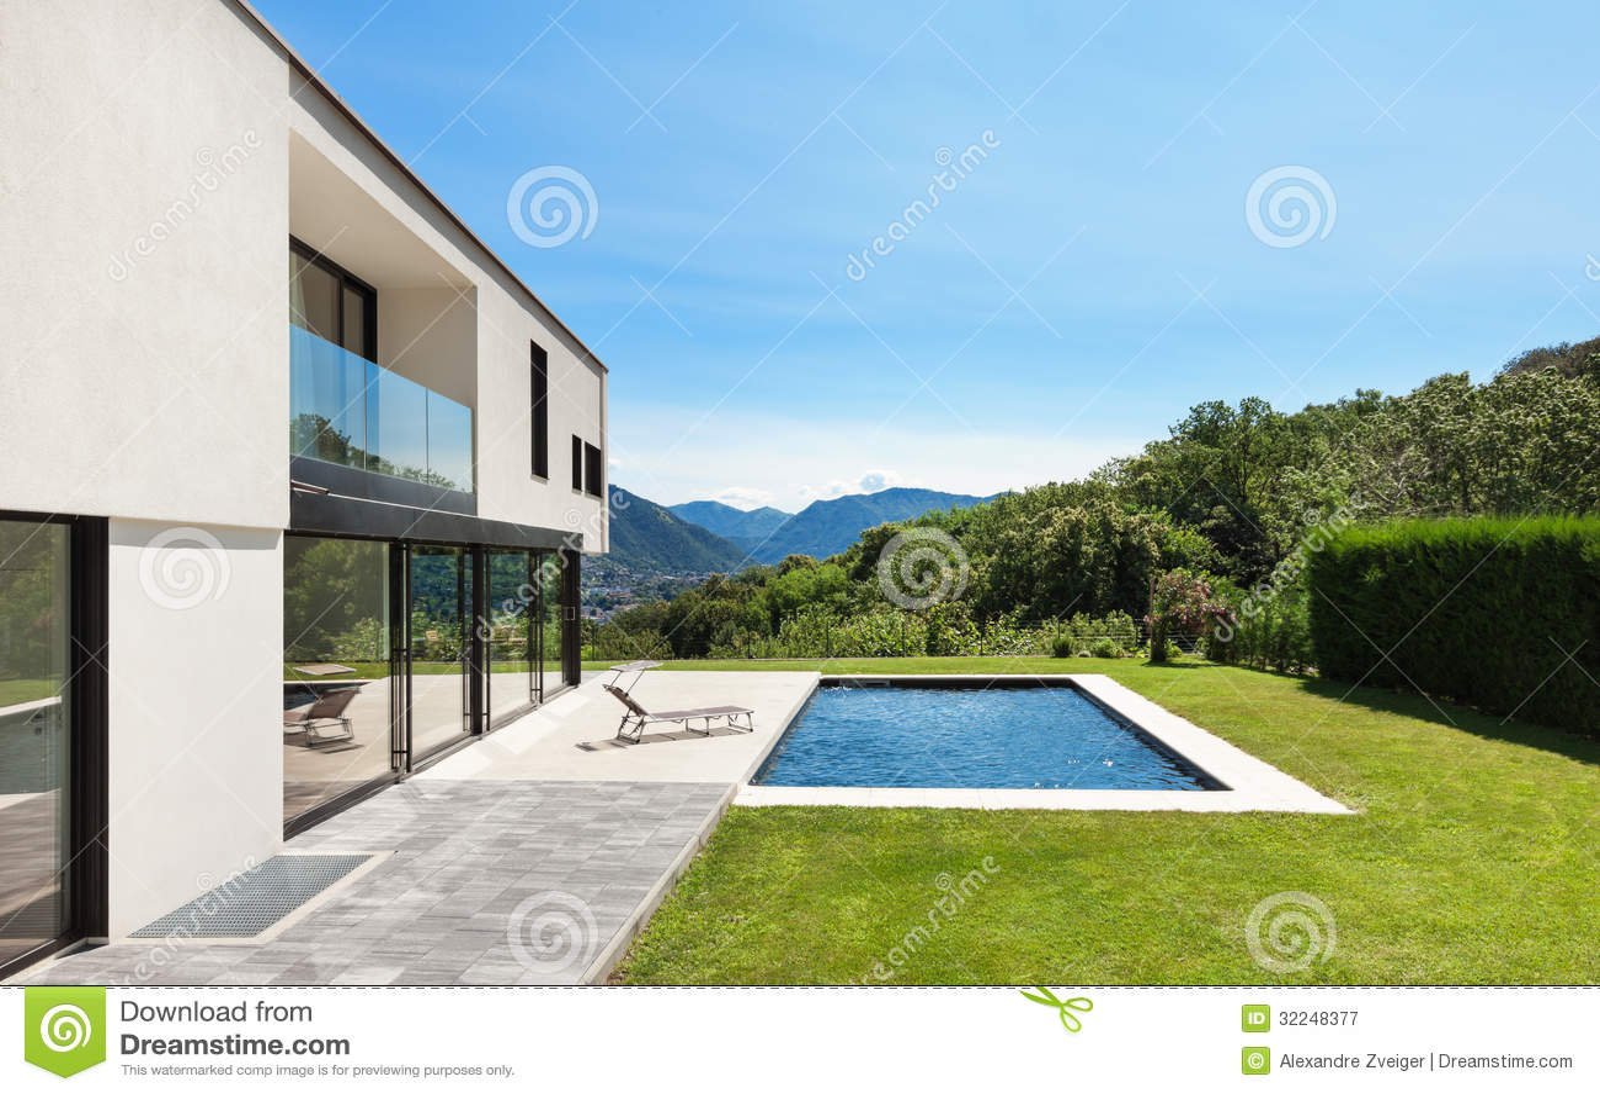 Chalet moderno con la piscina fotograf a de archivo libre - Chalet con piscina ...